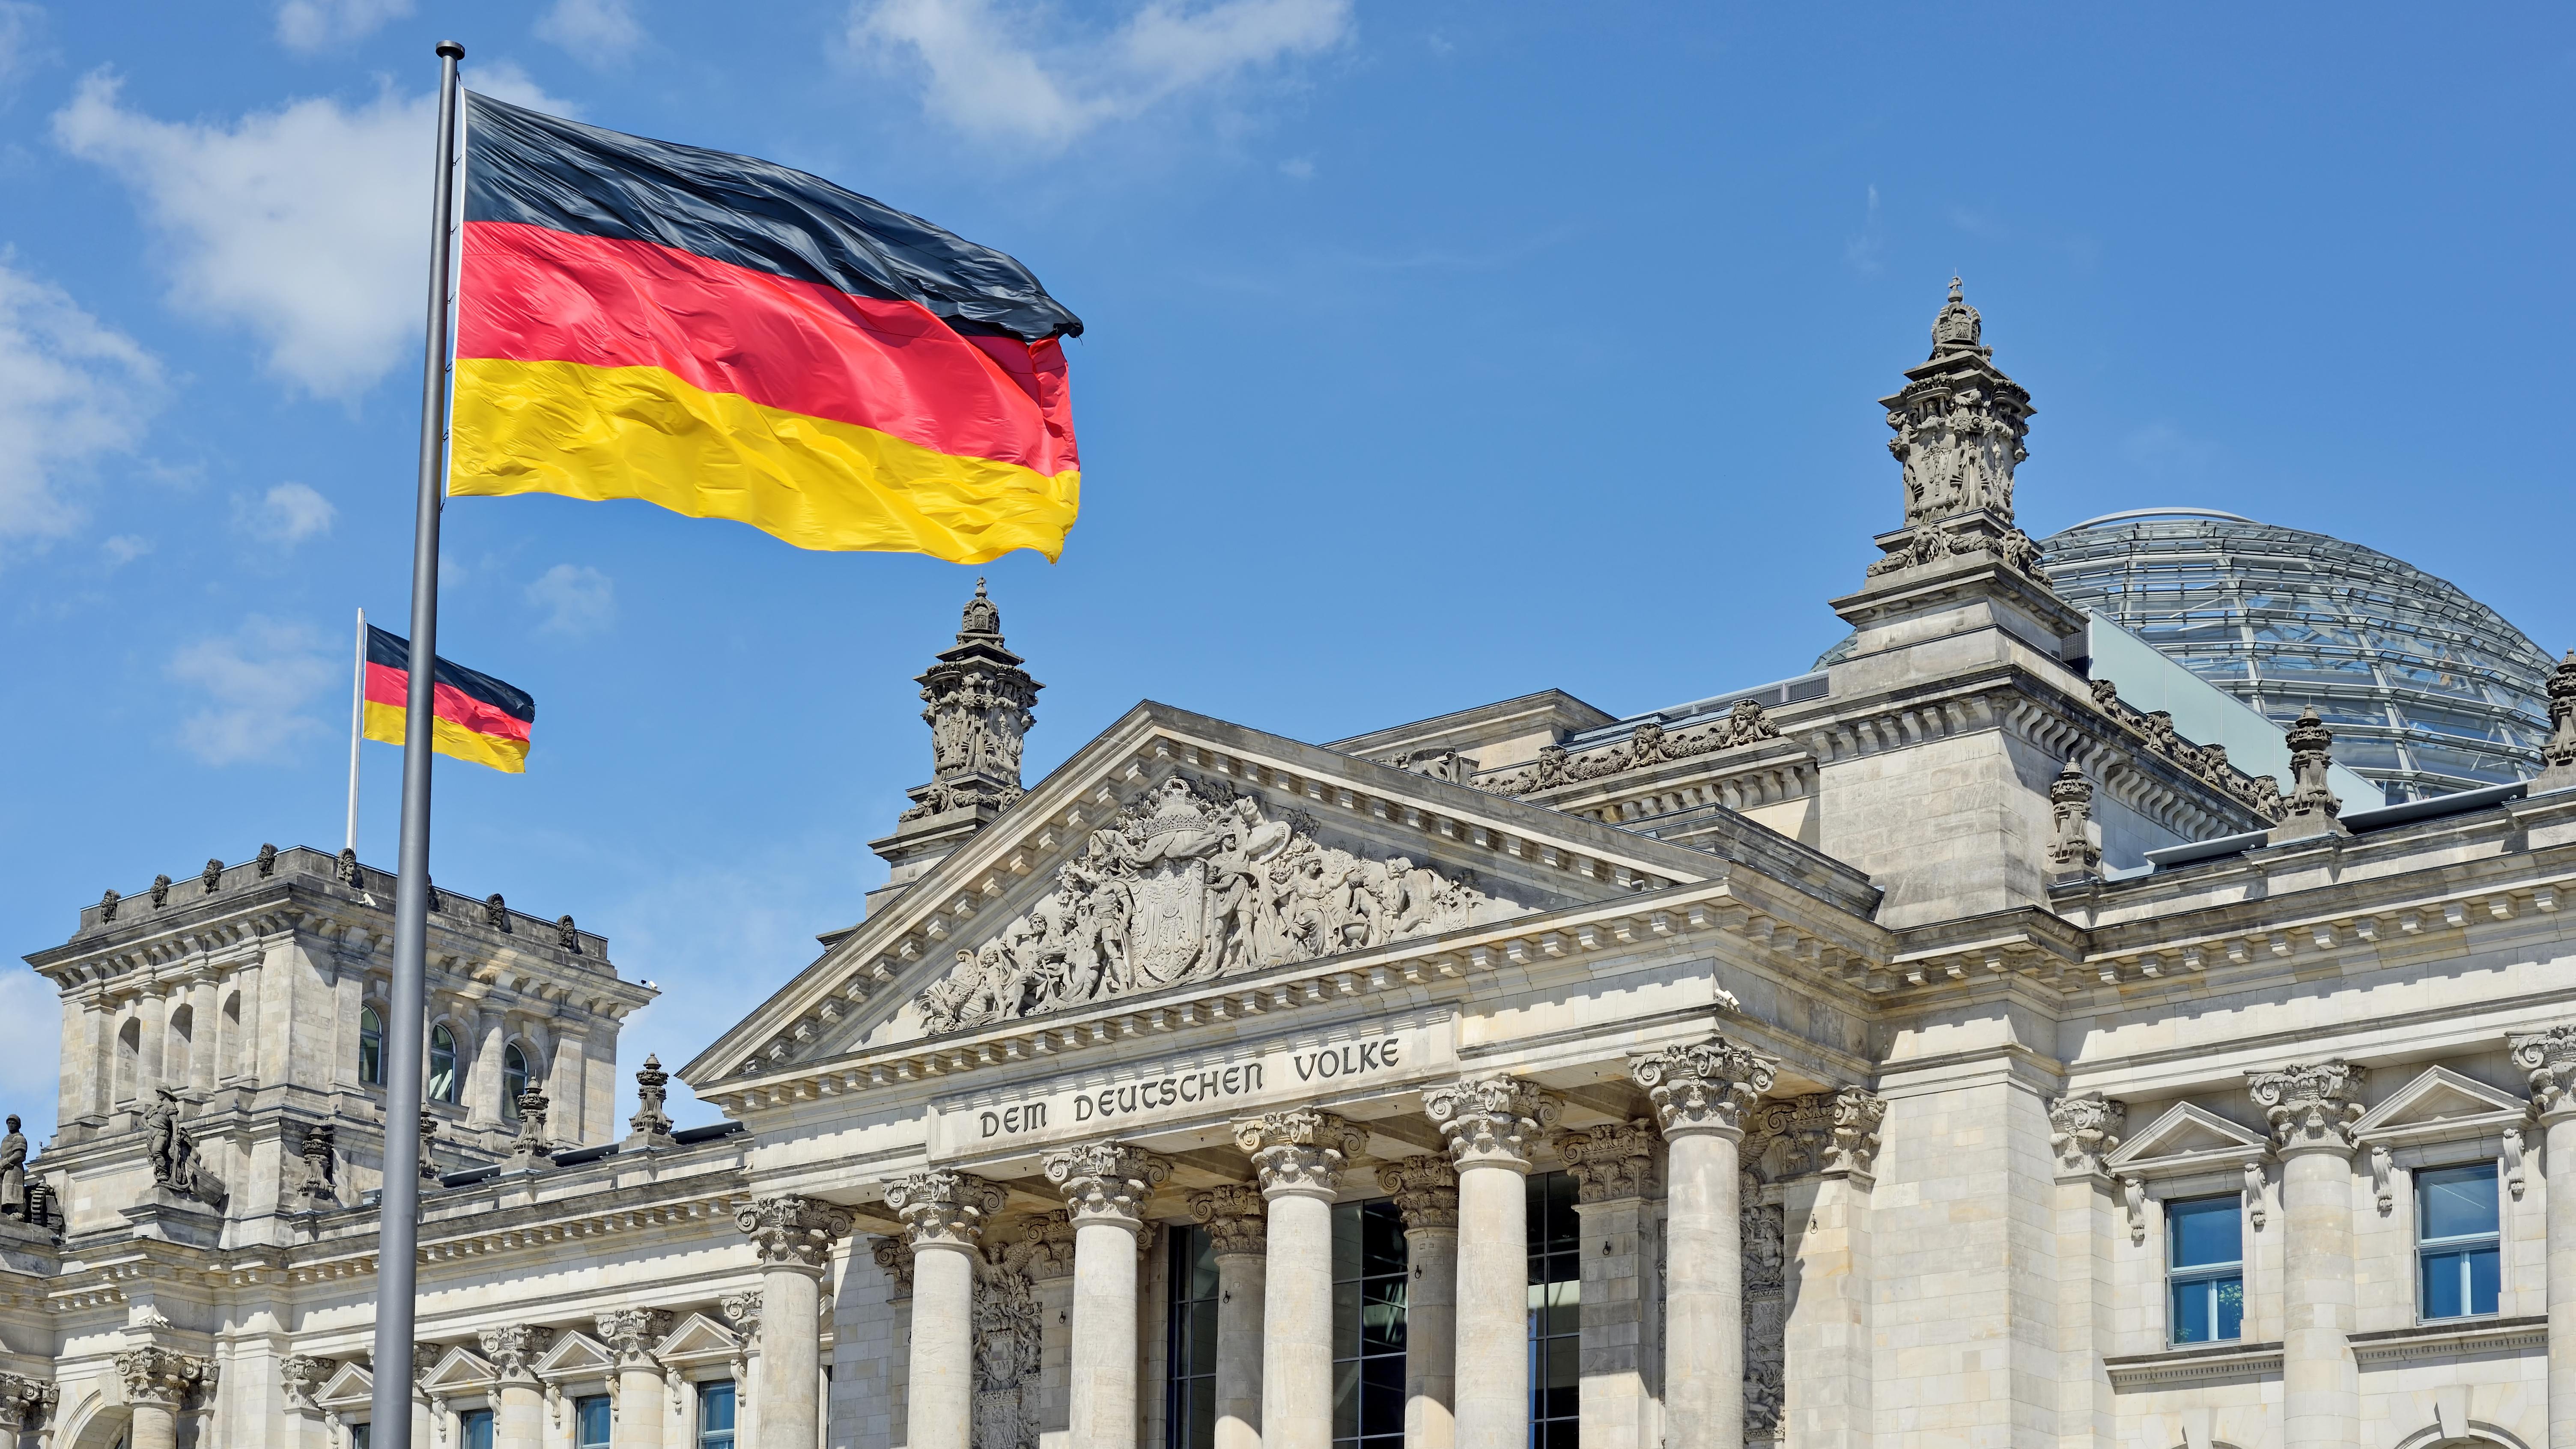 Немецкий флаг и здание парламента в Берлине, столице Германии, ПМЖ которой могут получить граждане России